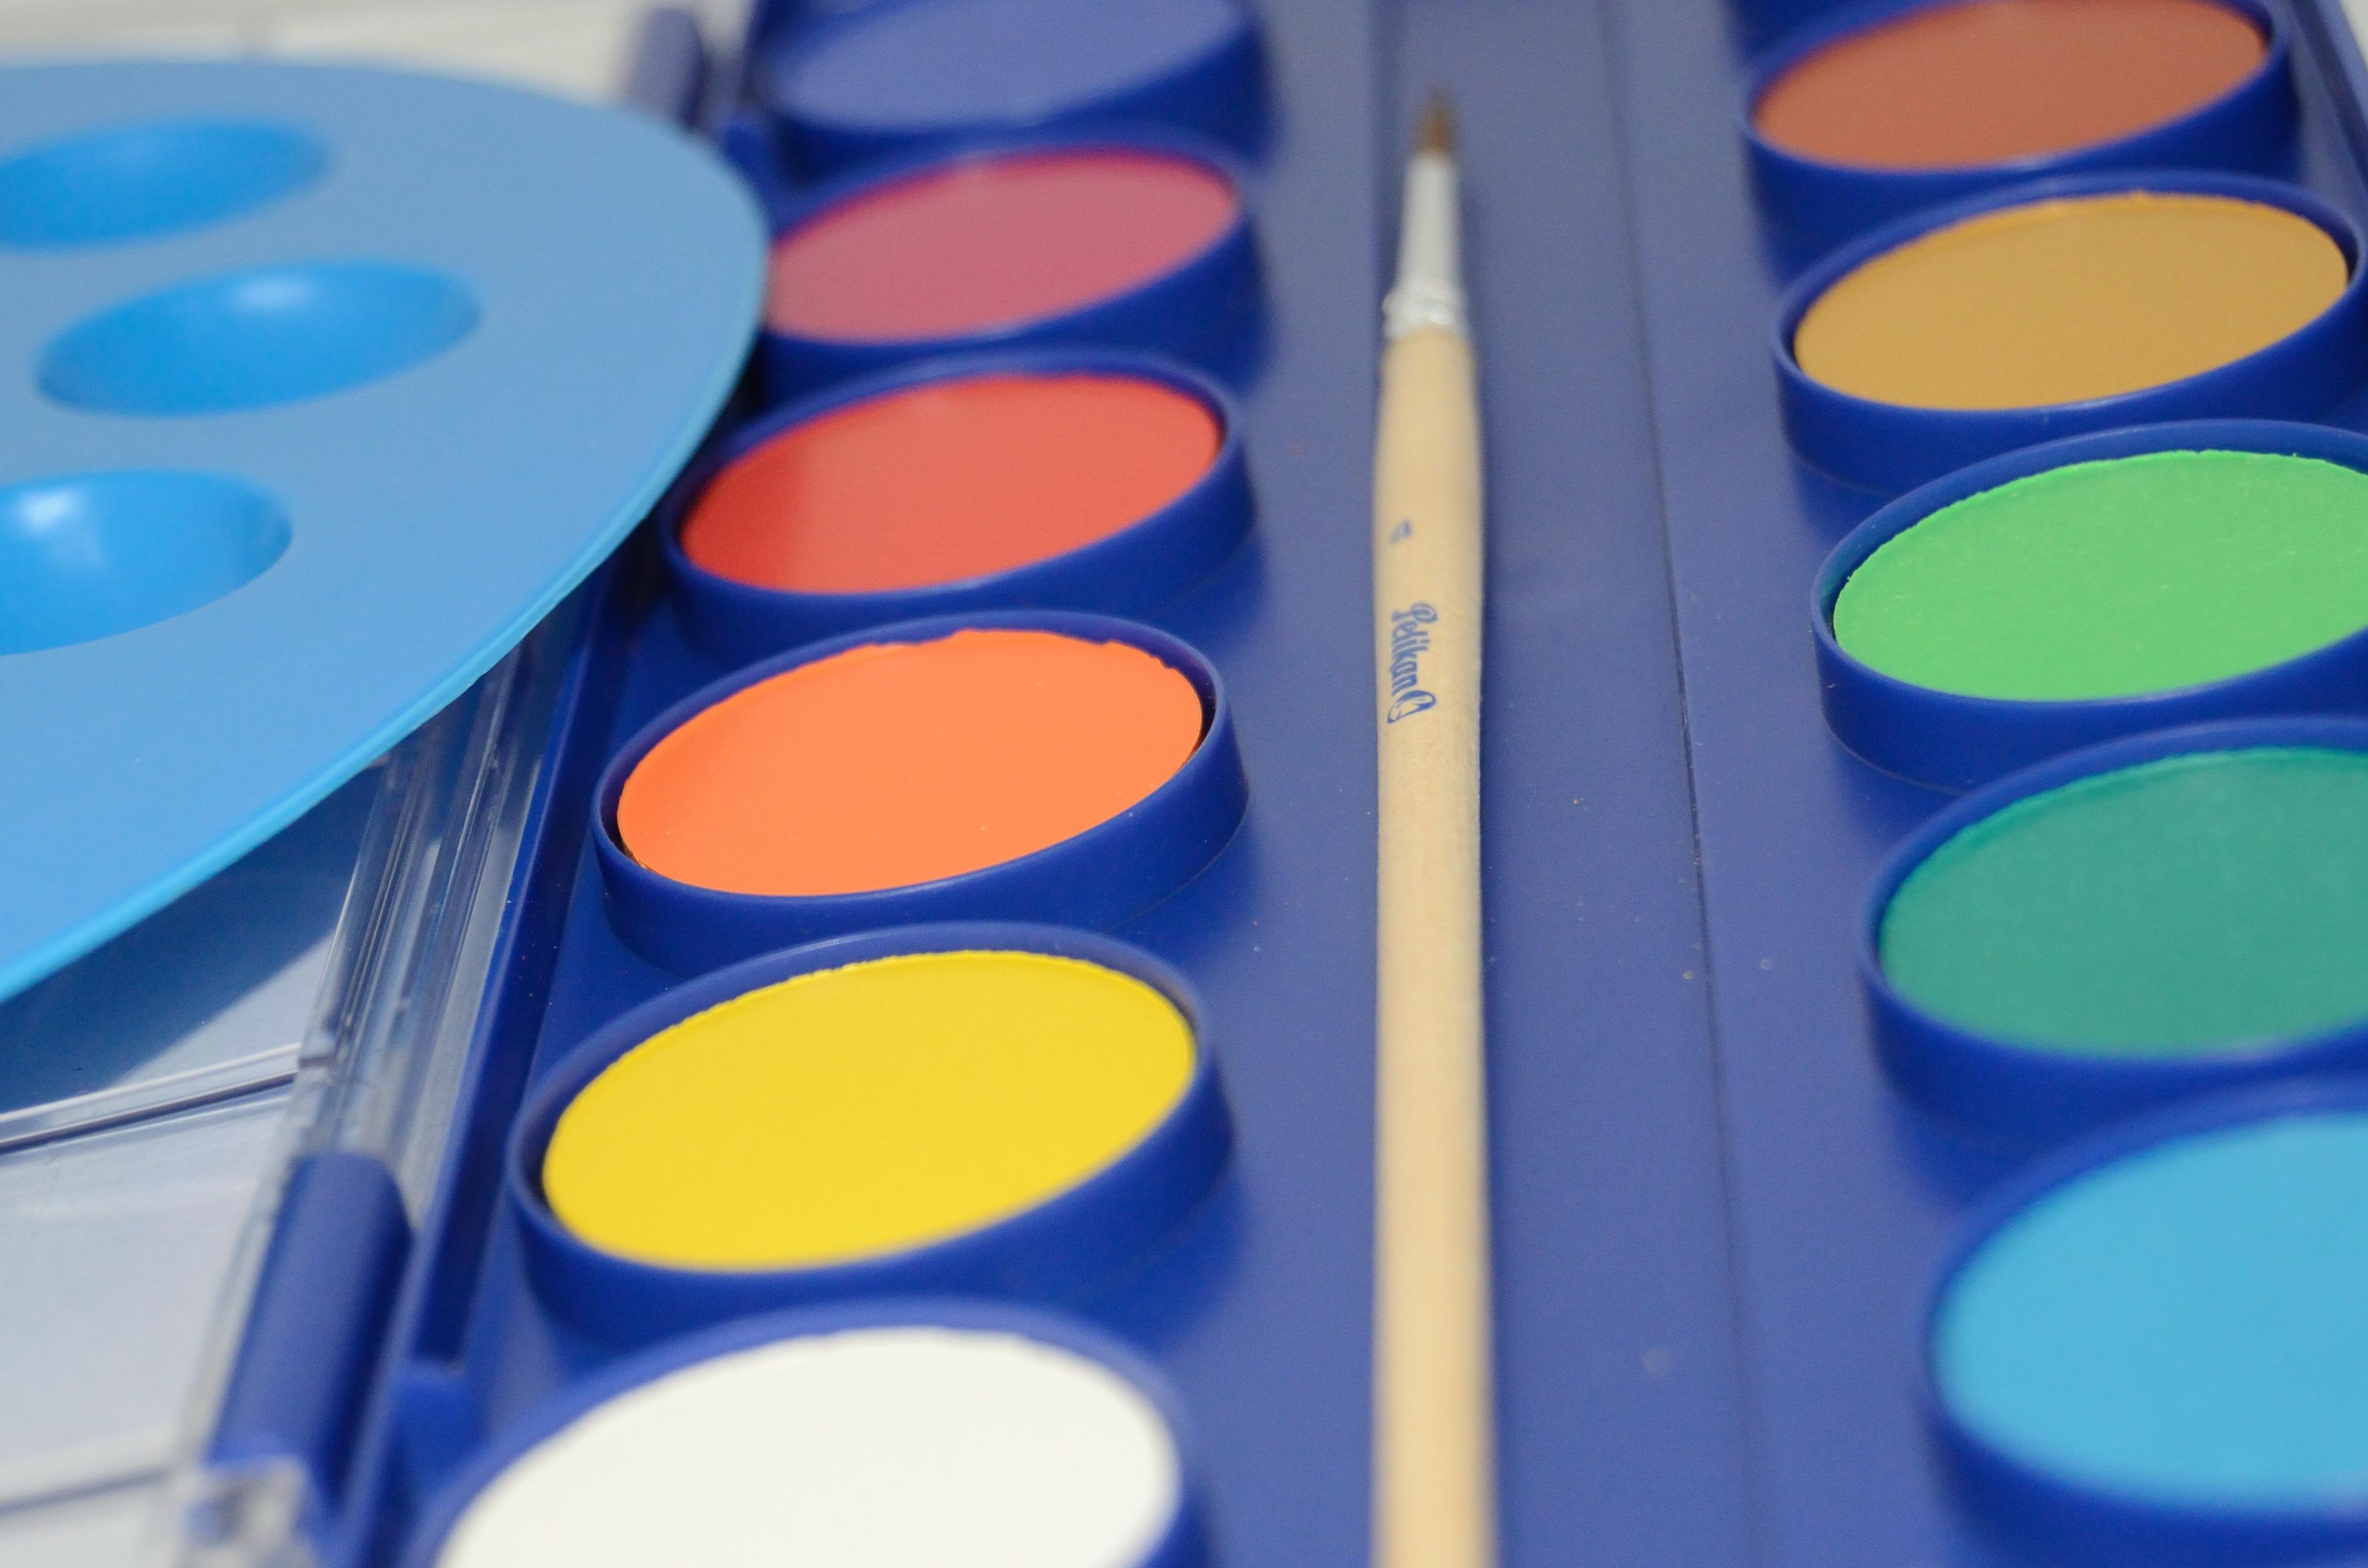 Gambar Kaca Jumlah Sikat Biru Kuning Lingkaran Lukisan